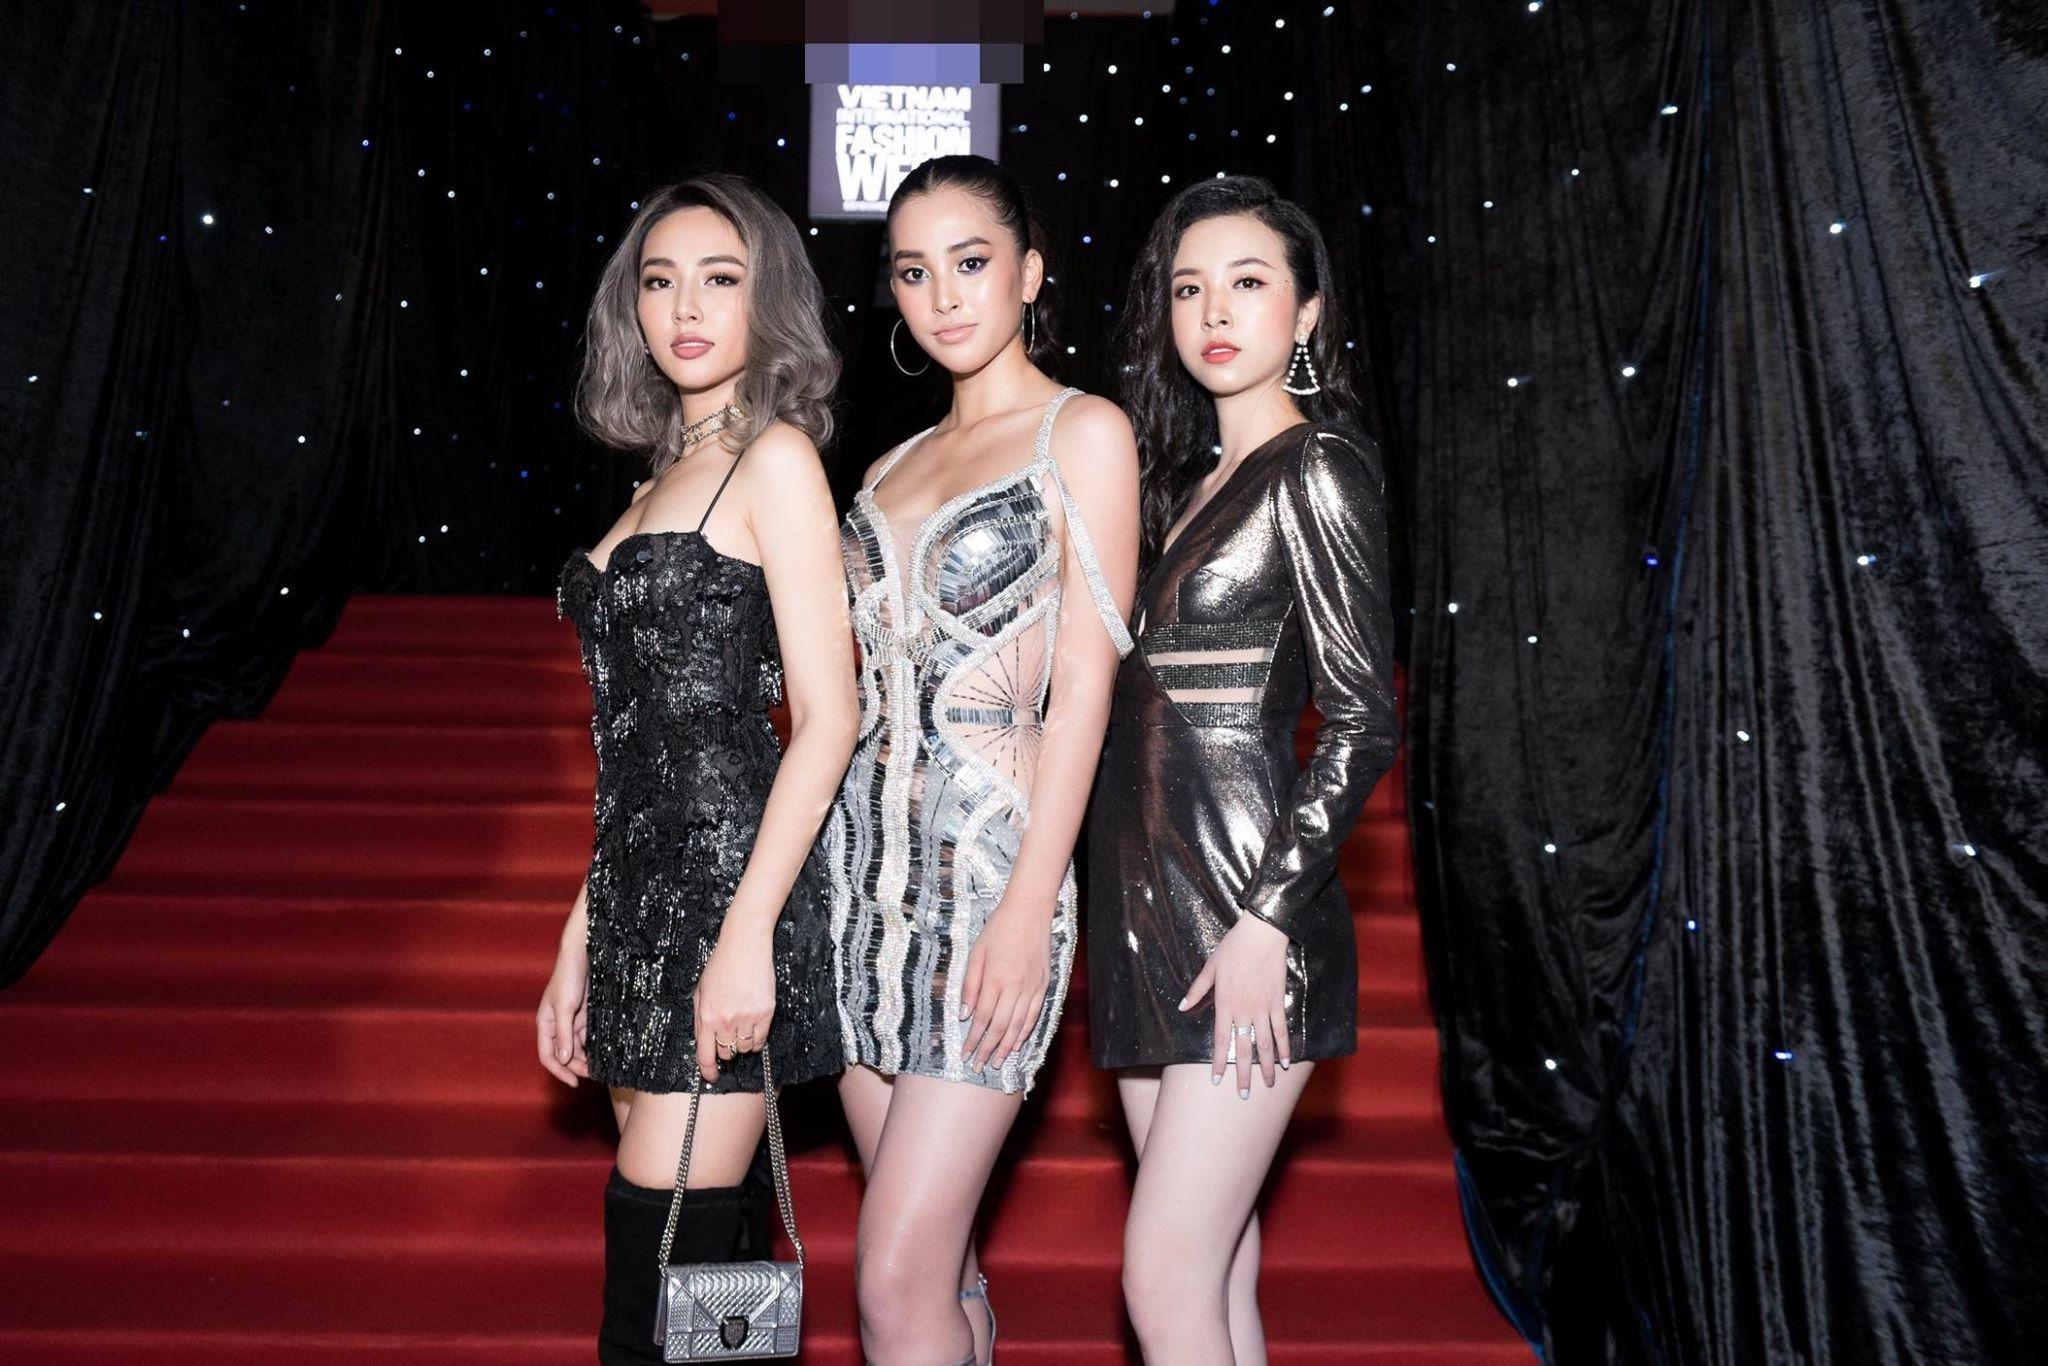 Tiểu Vy diện váy khoét eo, trang điểm lạ mắt tại Tuần lễ thời trang - 1